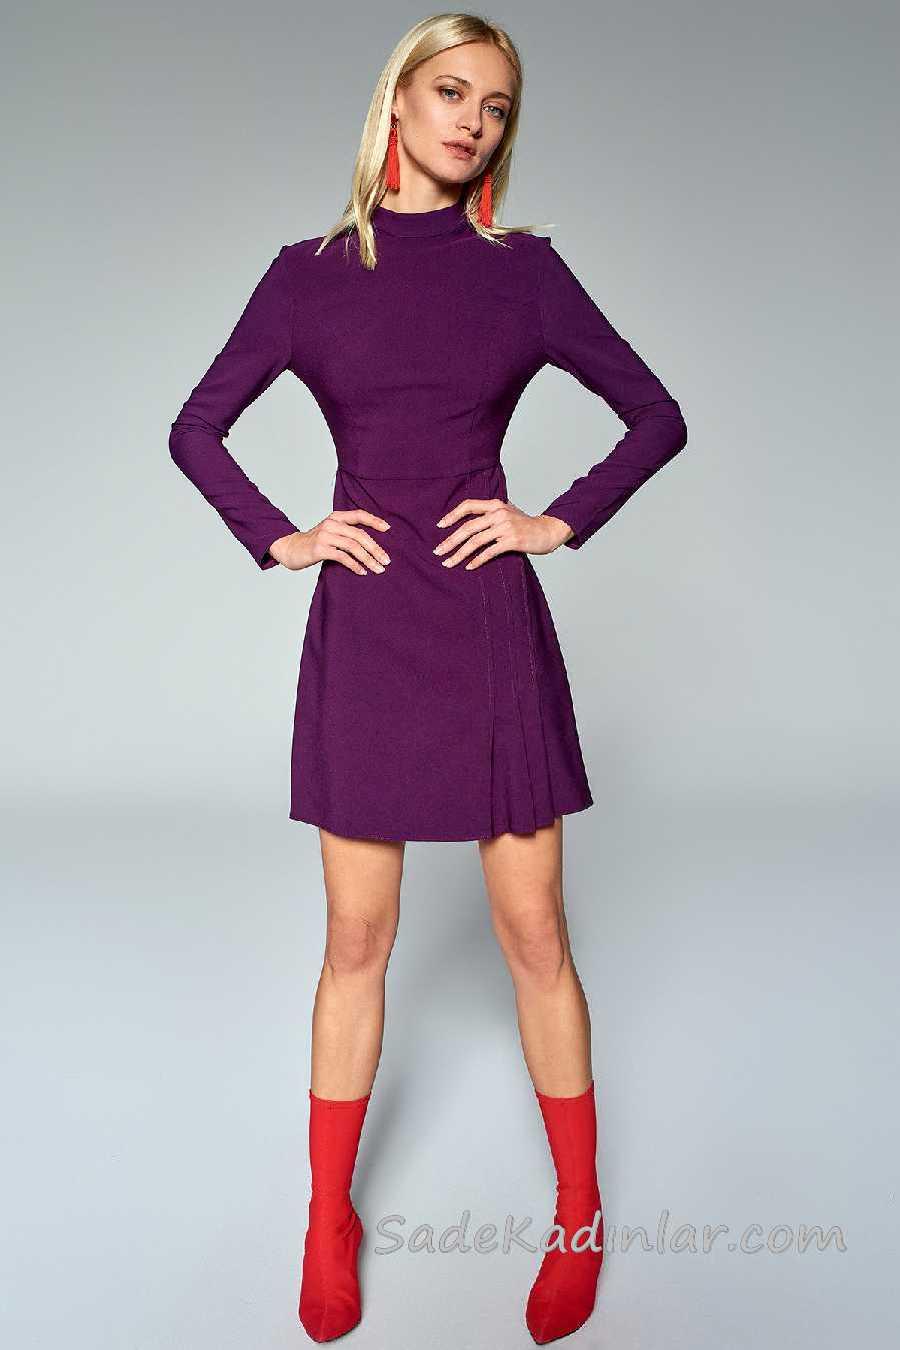 2020 Mürdüm Abiye Elbise Modelleri Kısa Uzun Kollu Pile Detaylı Etek